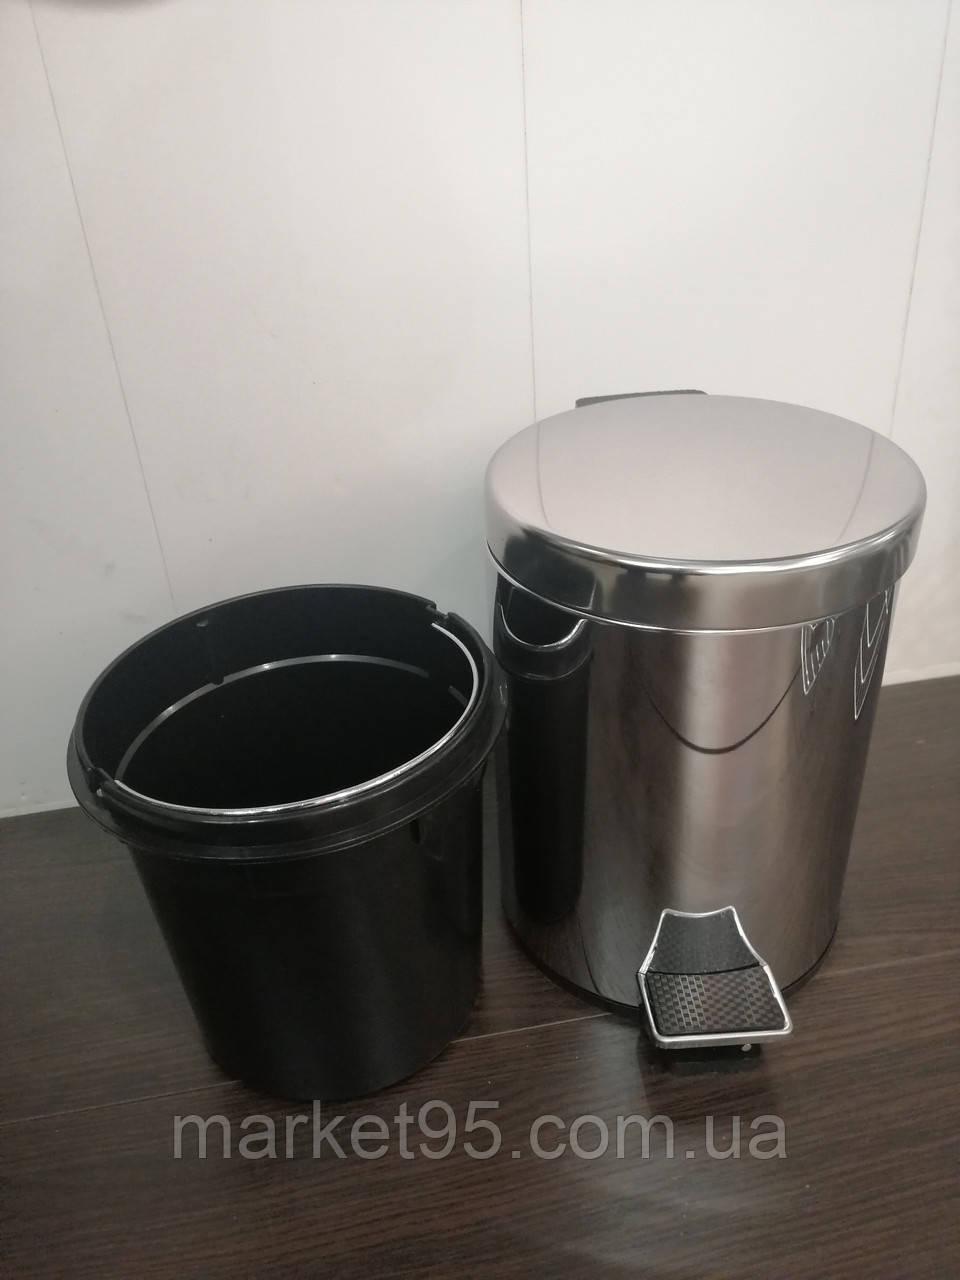 Відро для сміття з педаллю з нержавіючої сталі ZERIX LR70 5 л. глянцеве